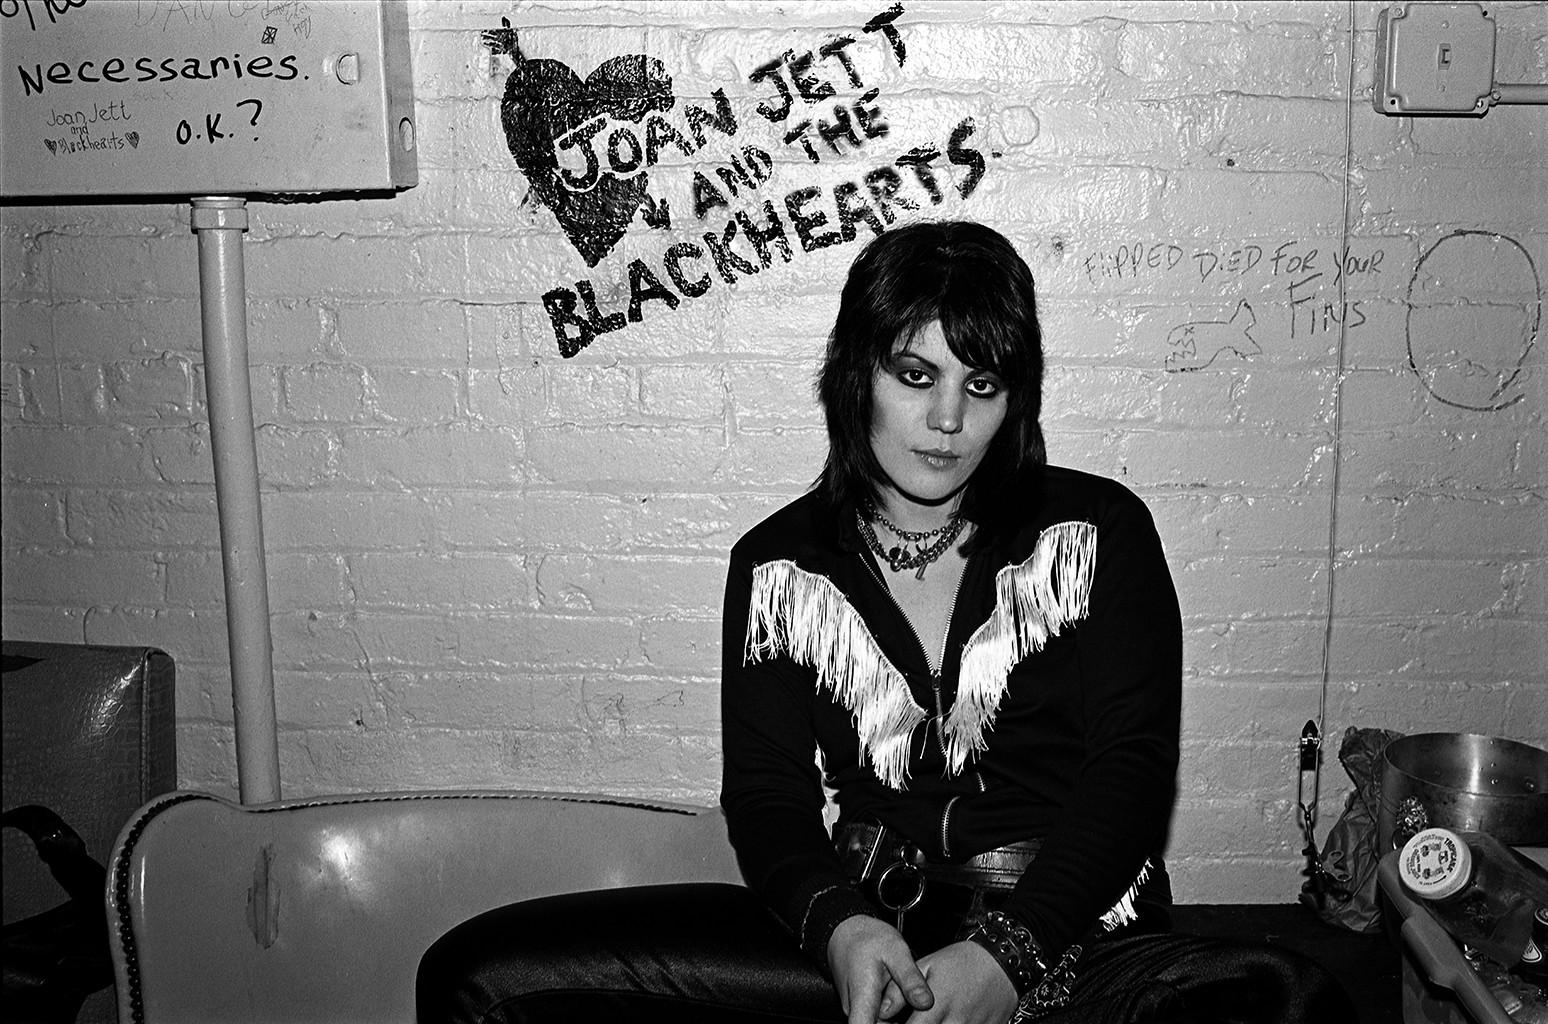 Joan Jett, 1981